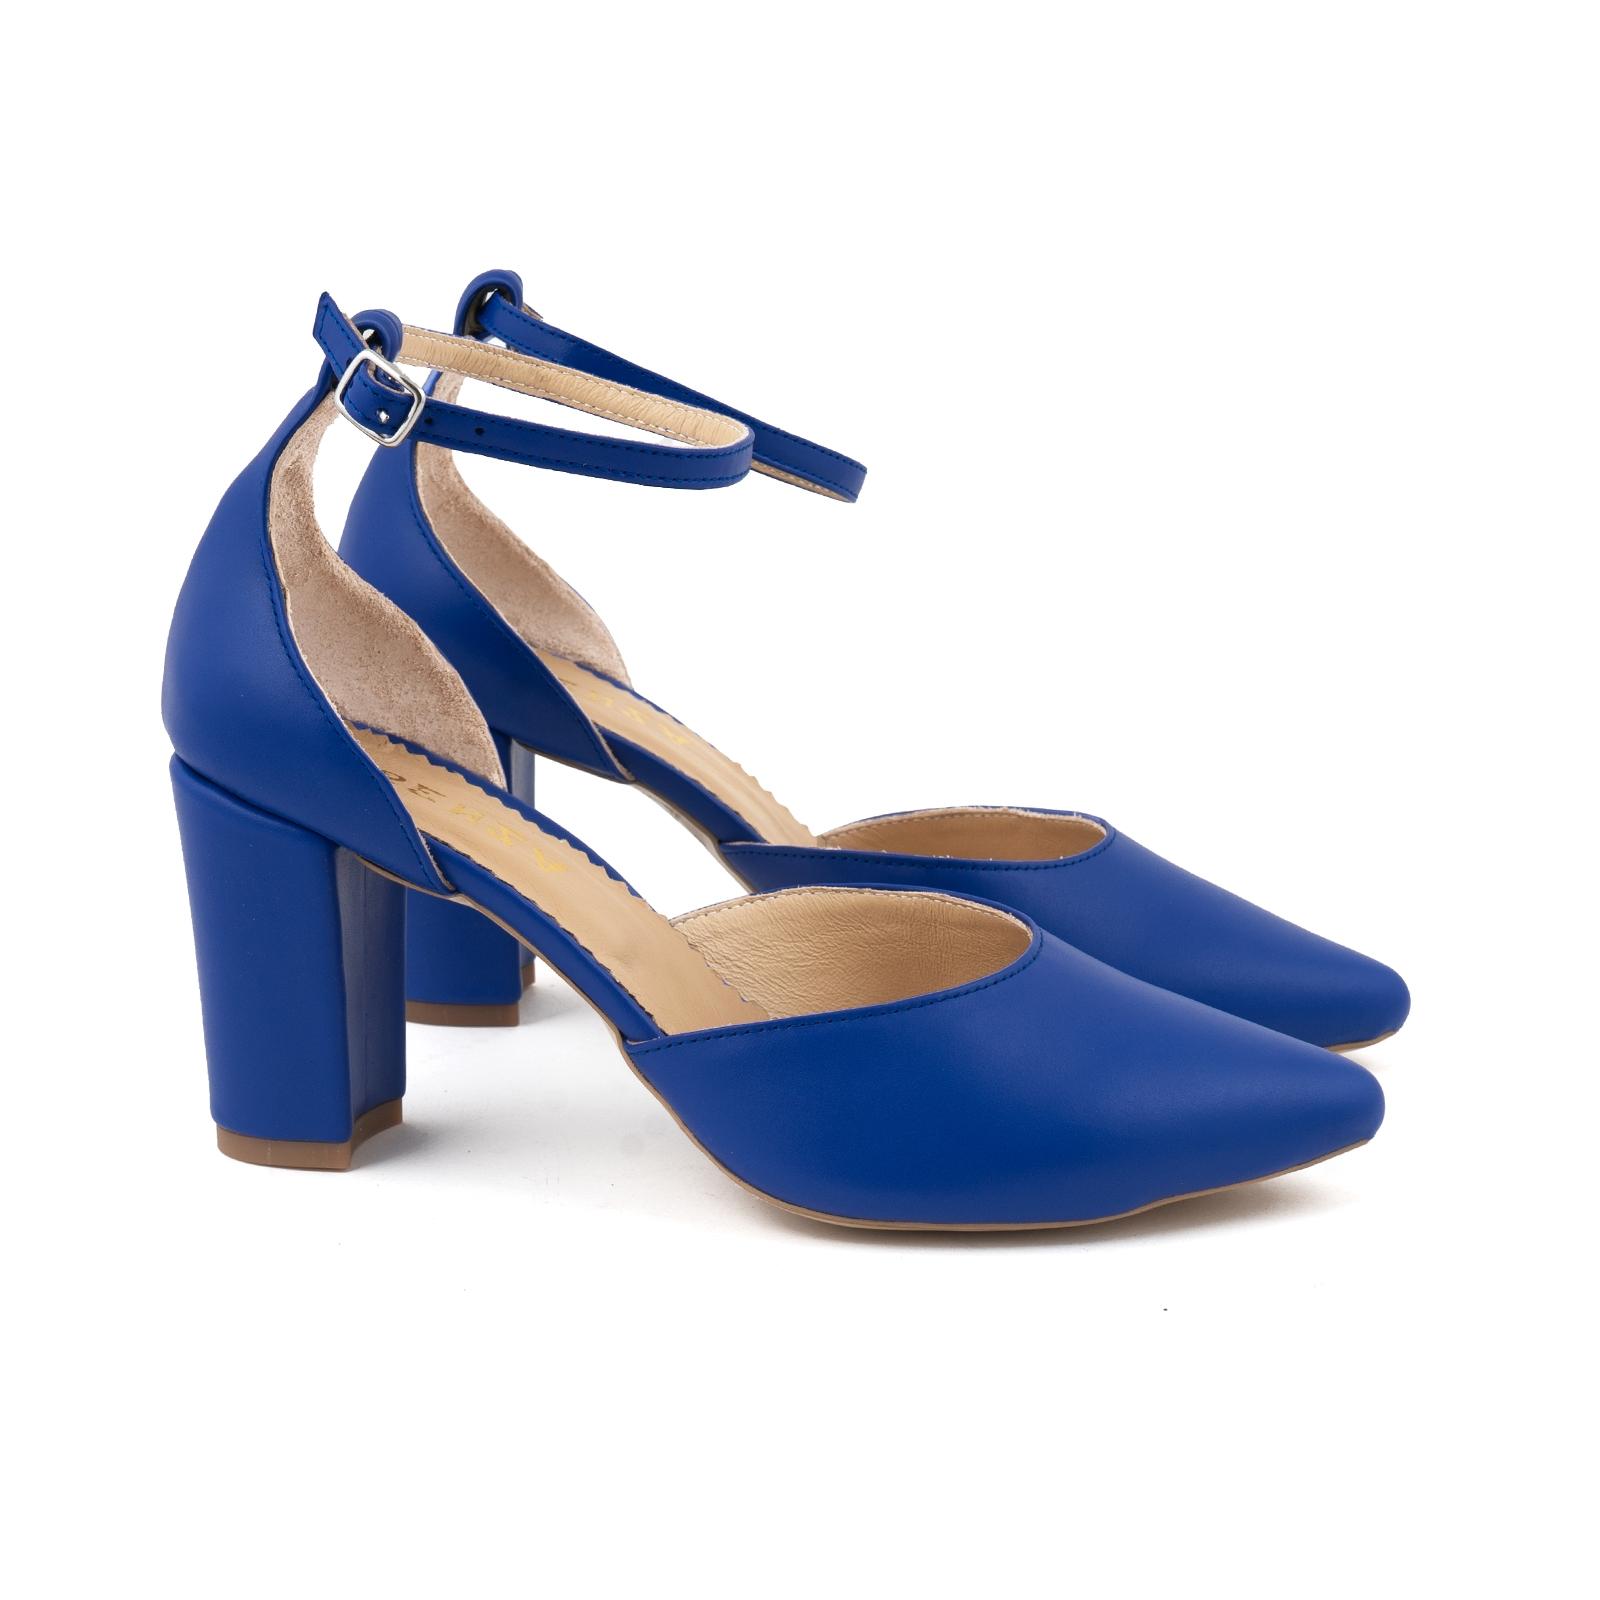 Pantofi cu toc de 6 cm Password | Lumea la Picioare